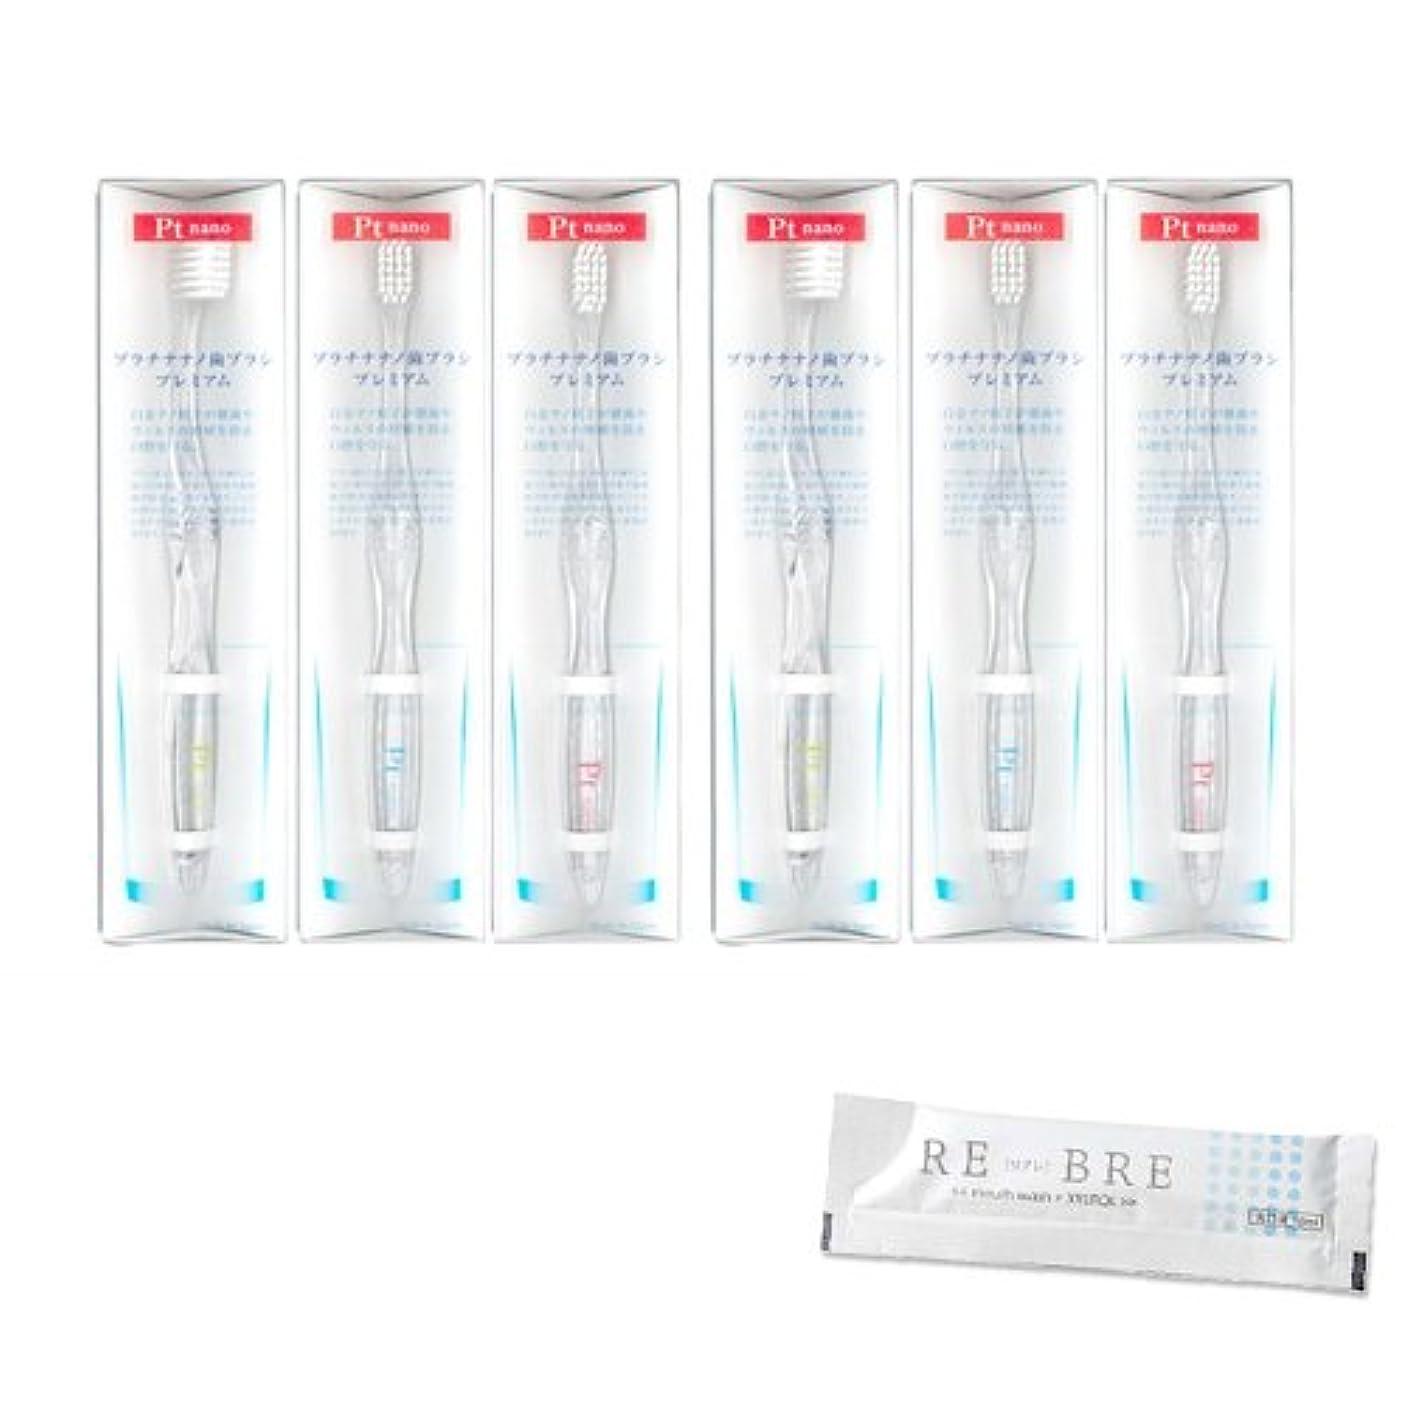 カートン息苦しい発行するプラチナナノ歯ブラシ プレミアム 3本 フルセット (赤 x 青 x 緑) ×2セット(計6本) + RE-BRE(リブレ) セット